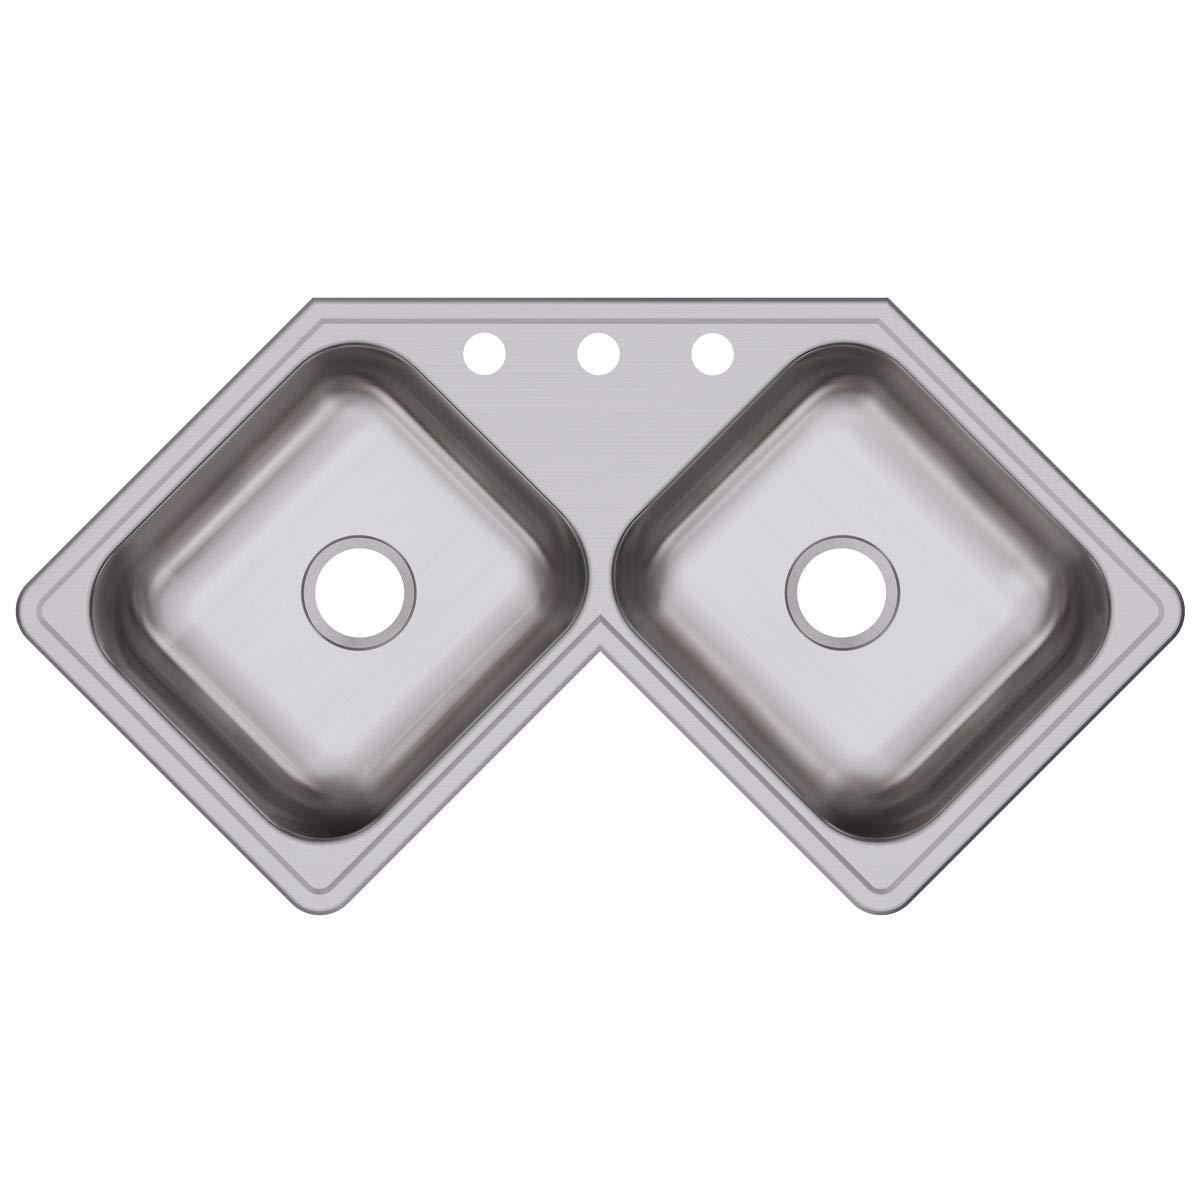 Elkay DE217323 Dayton Equal Double Bowl Stainless Steel Corner Sink by Elkay (Image #1)